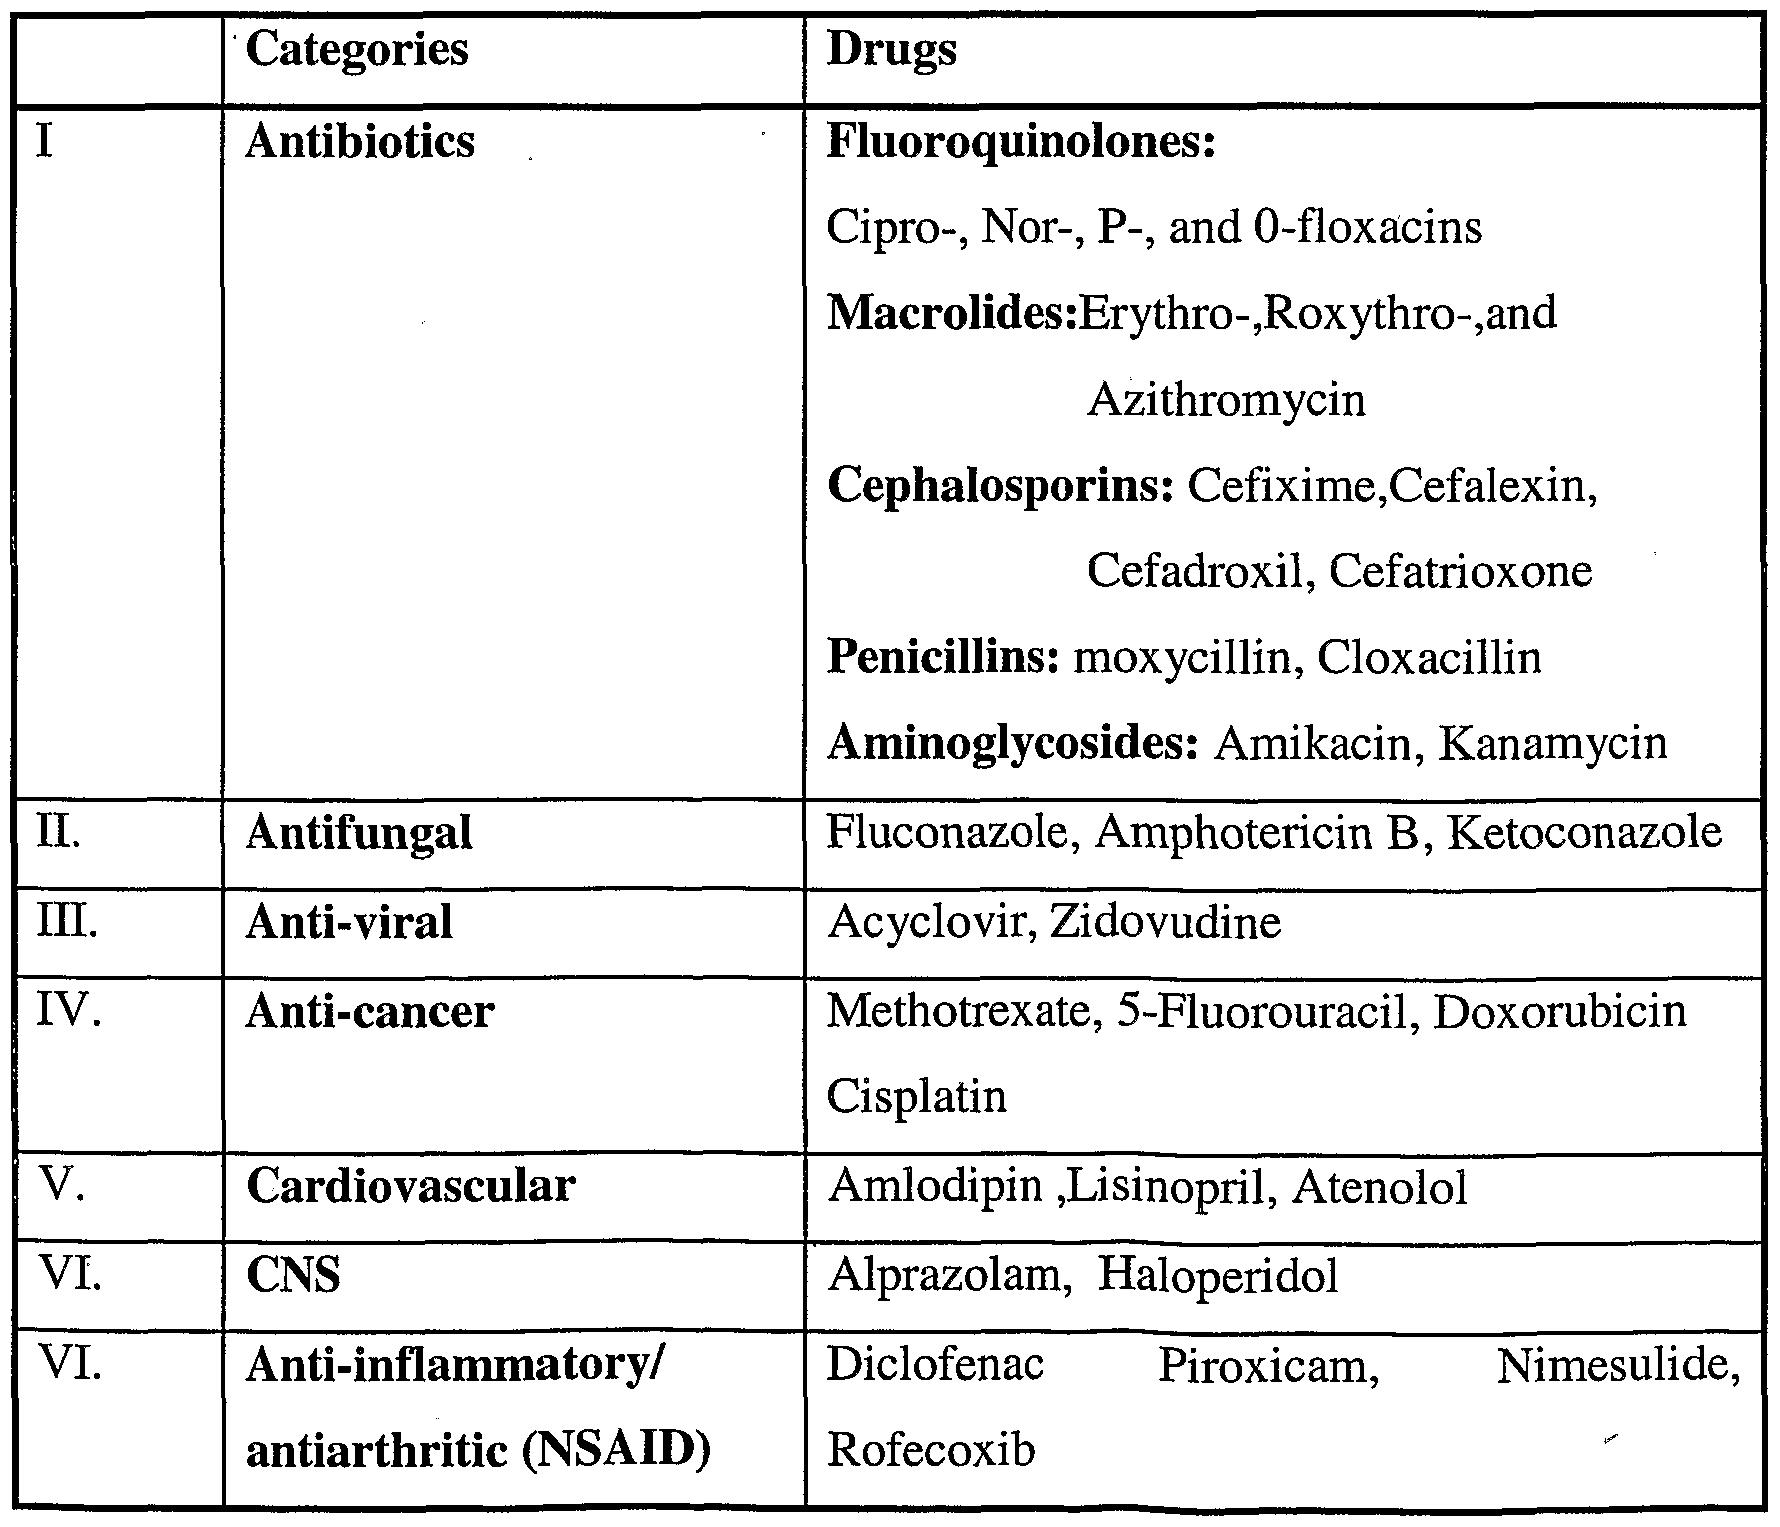 iv corticosteroids list